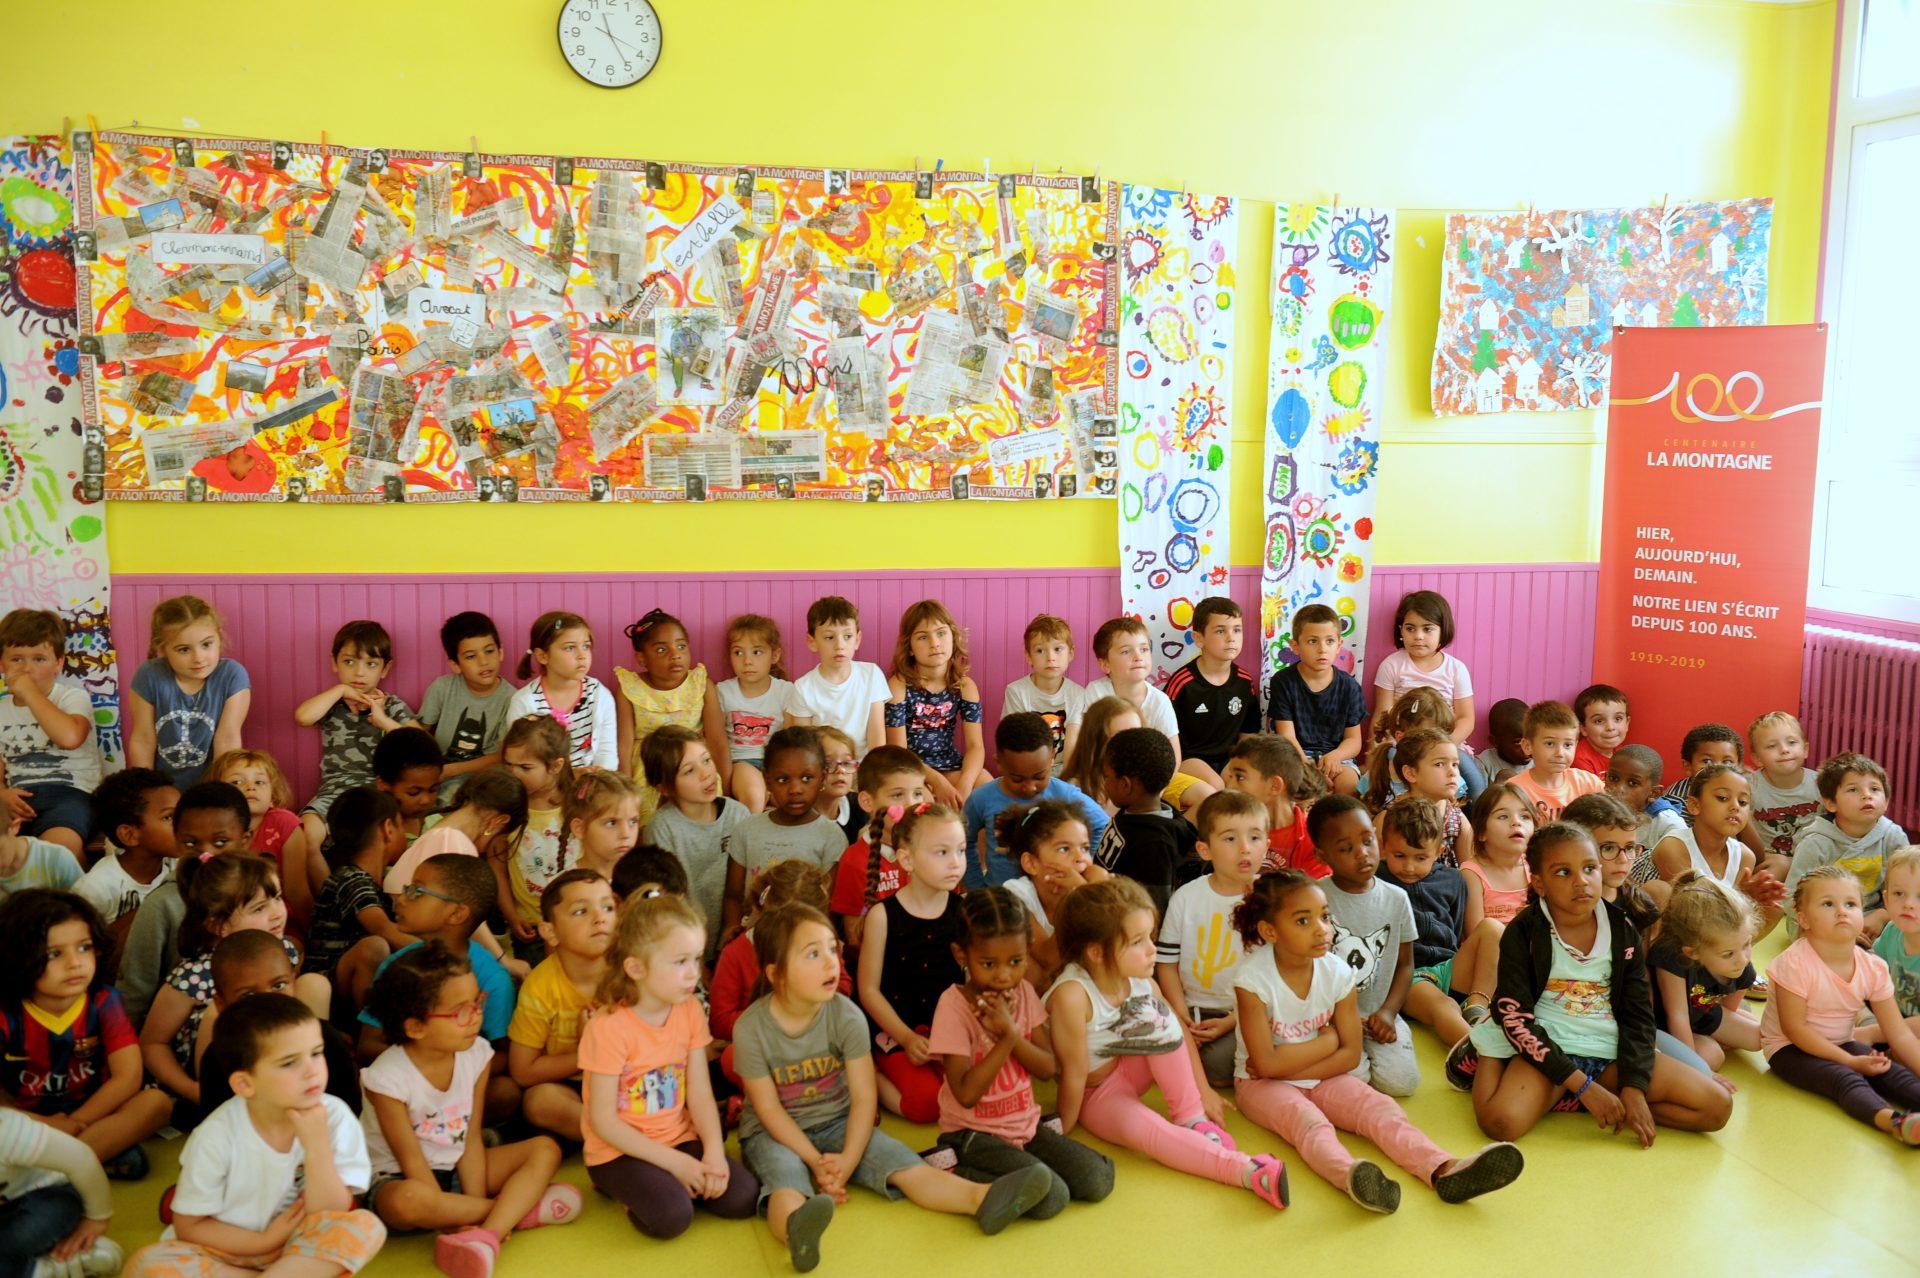 Les petits écoliers de Bellerive sur Allier fiers de leur fresque sur Alexandre Varenne (Michel Wasielewski ©)